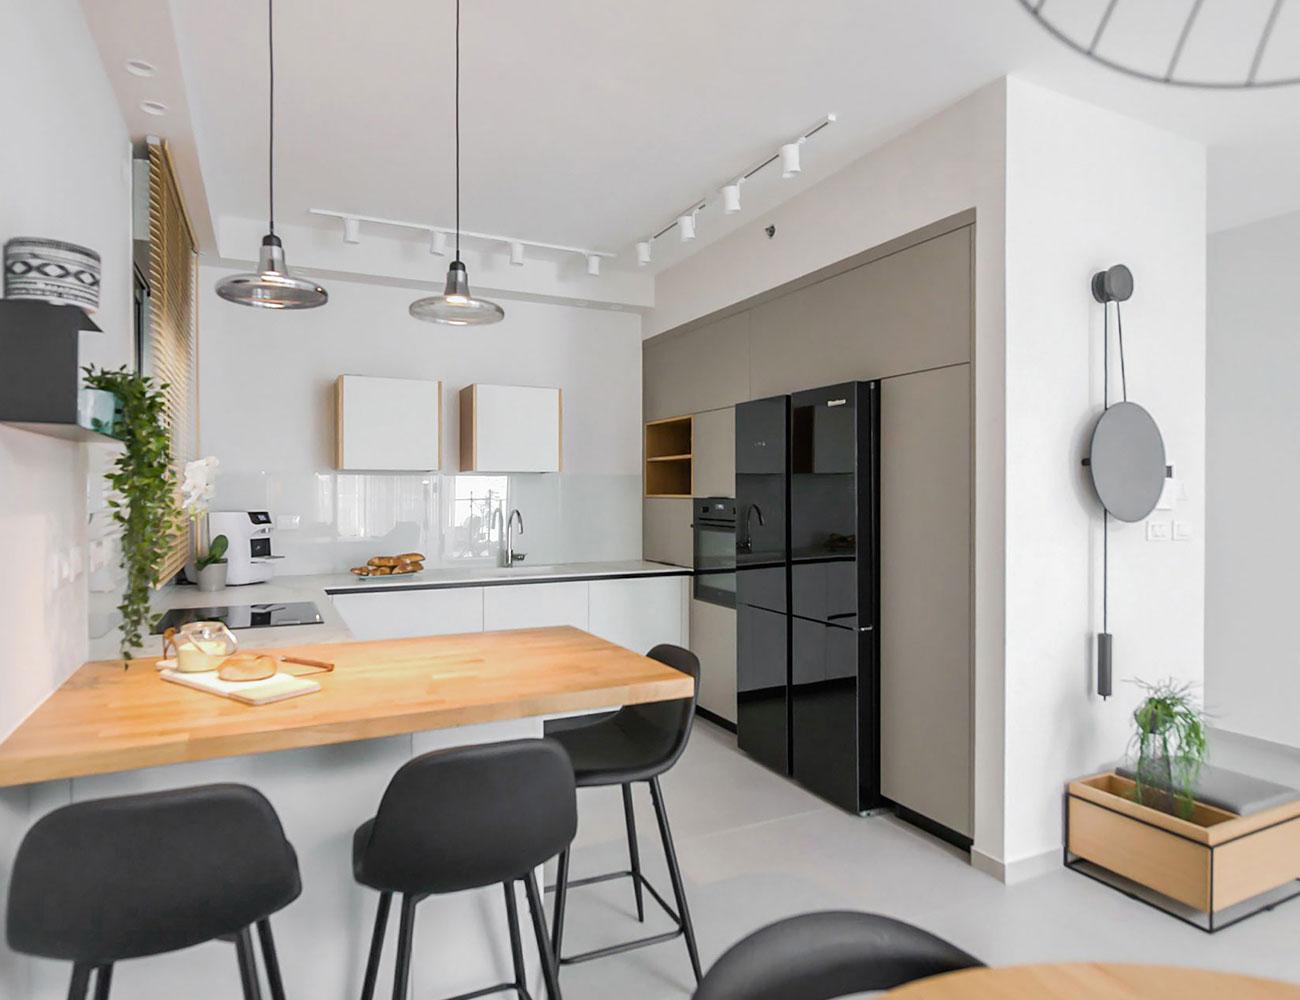 עיצוב מטבח - דירה בשכונת אגמים, נתניה